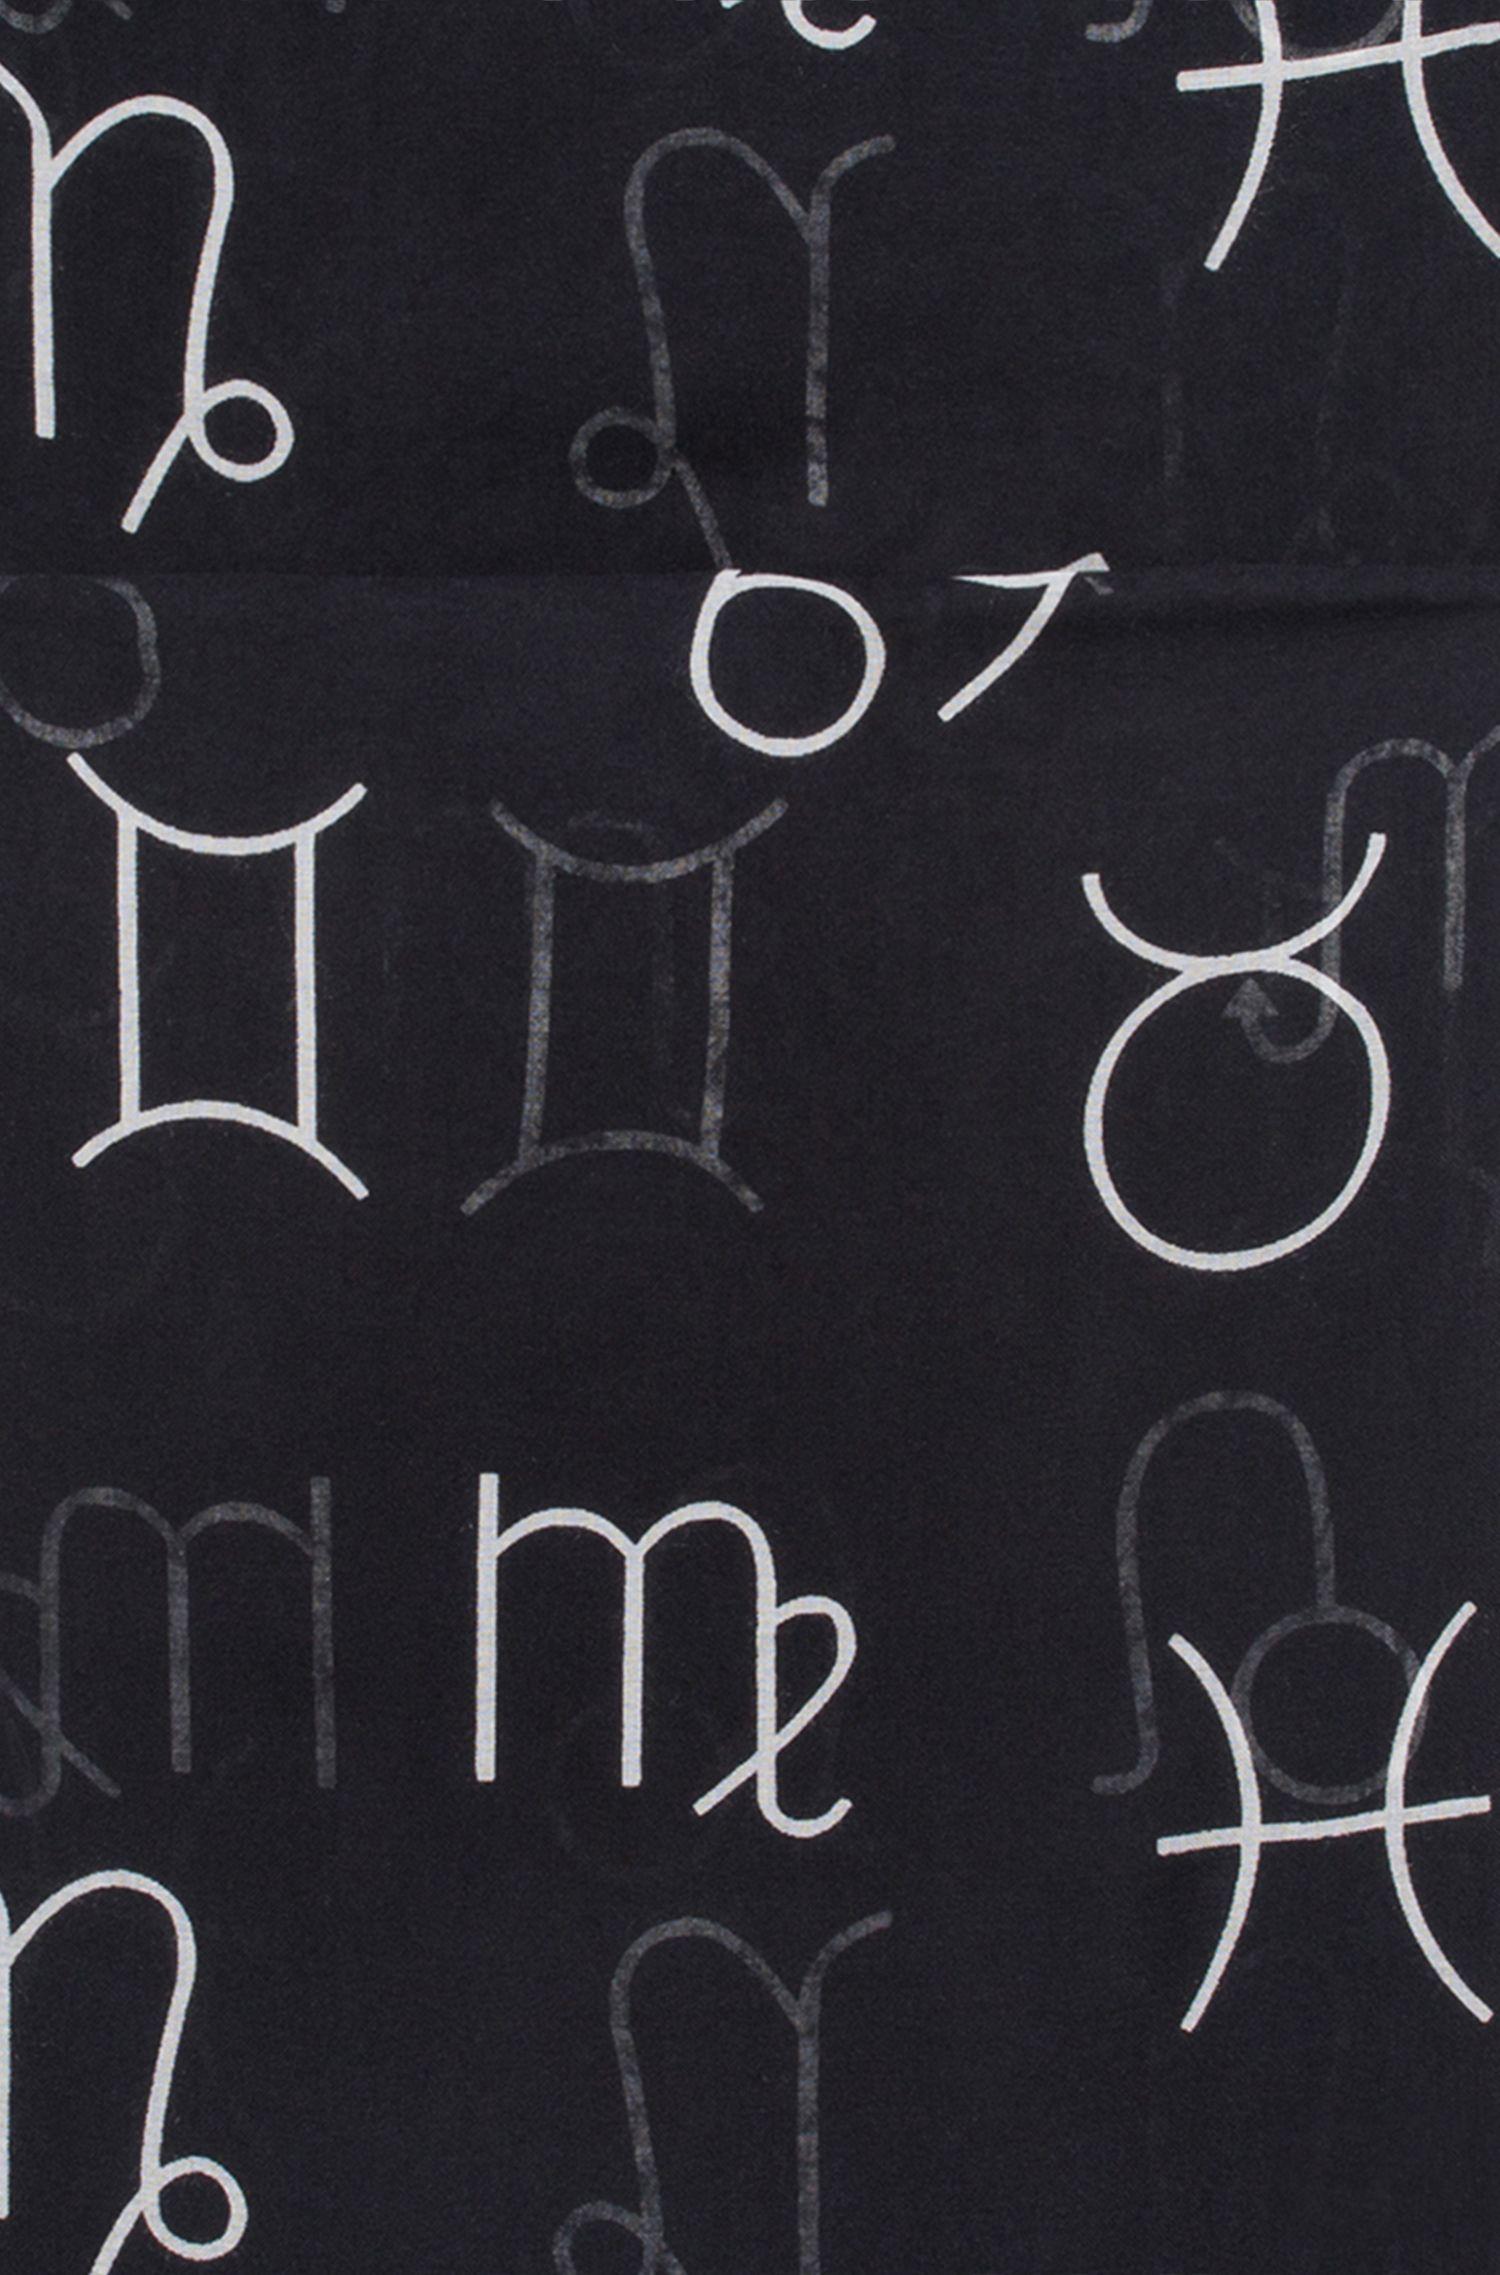 Schal aus Modal mit Sternzeichen-Symbolen